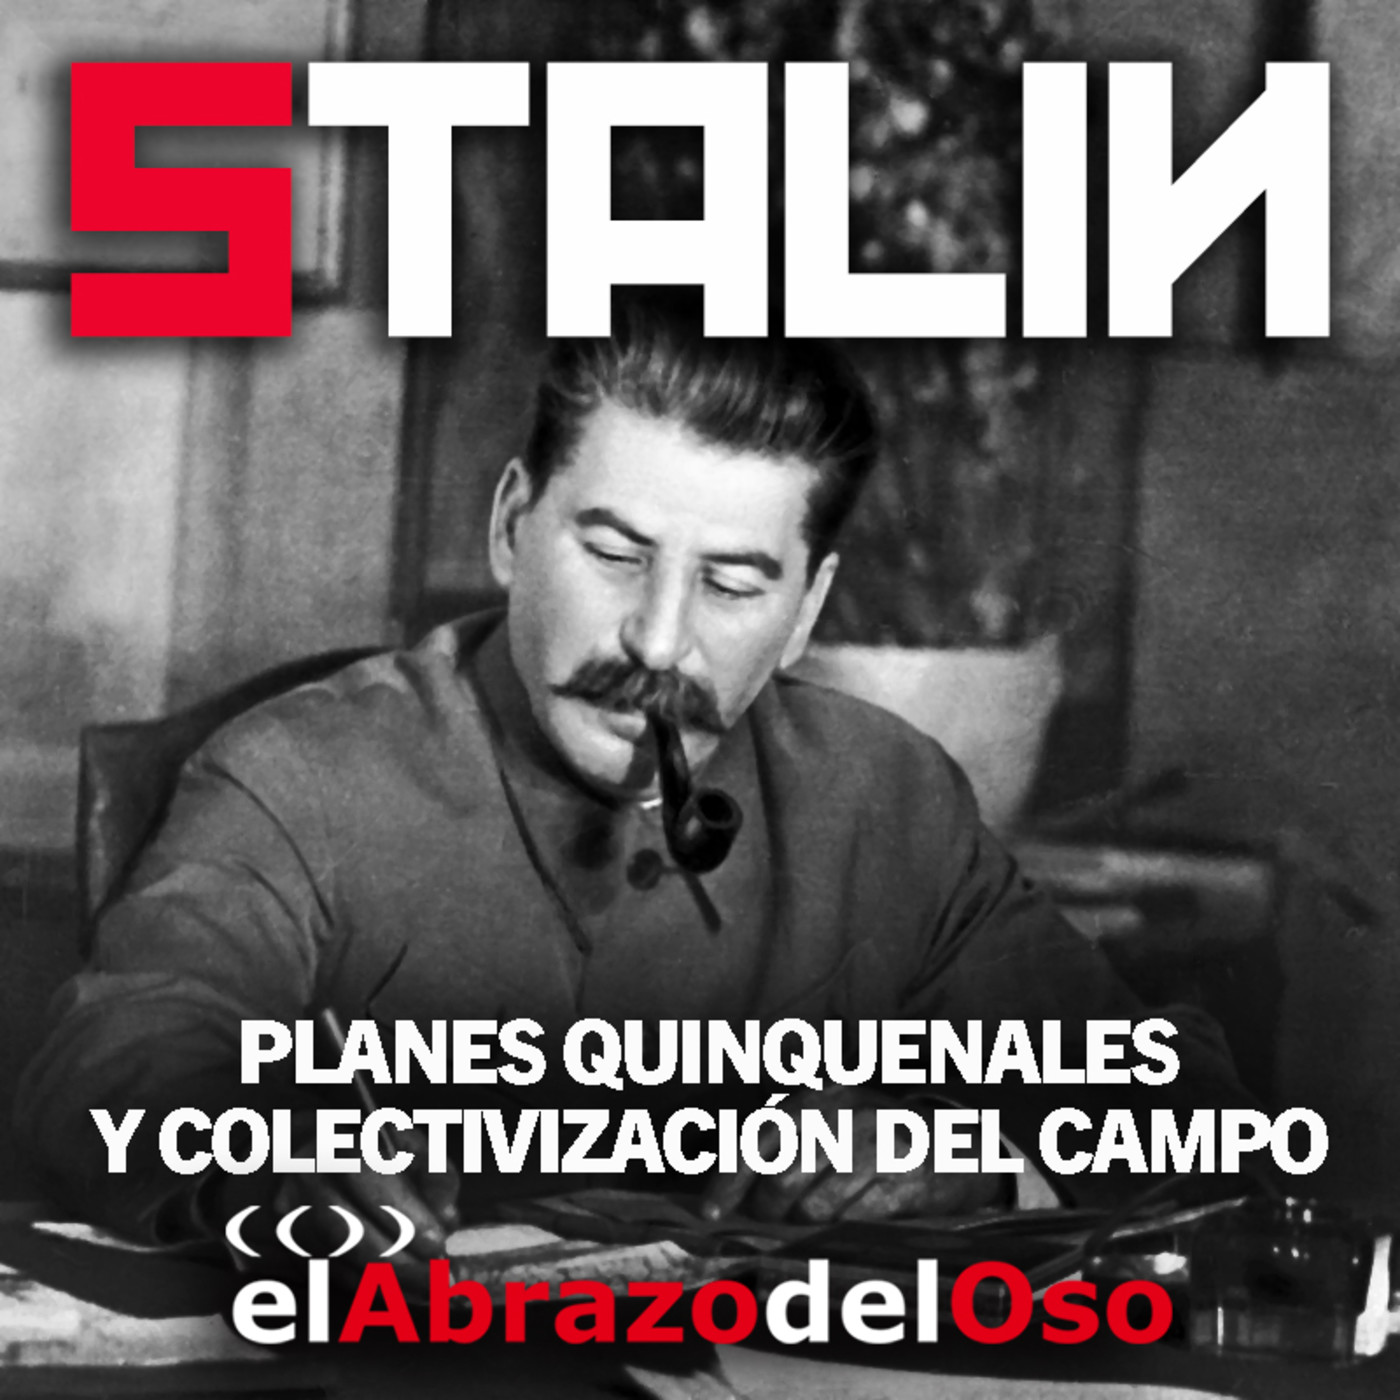 El Abrazo del Oso - Stalin - Planes quinquenales y colectivización del campo